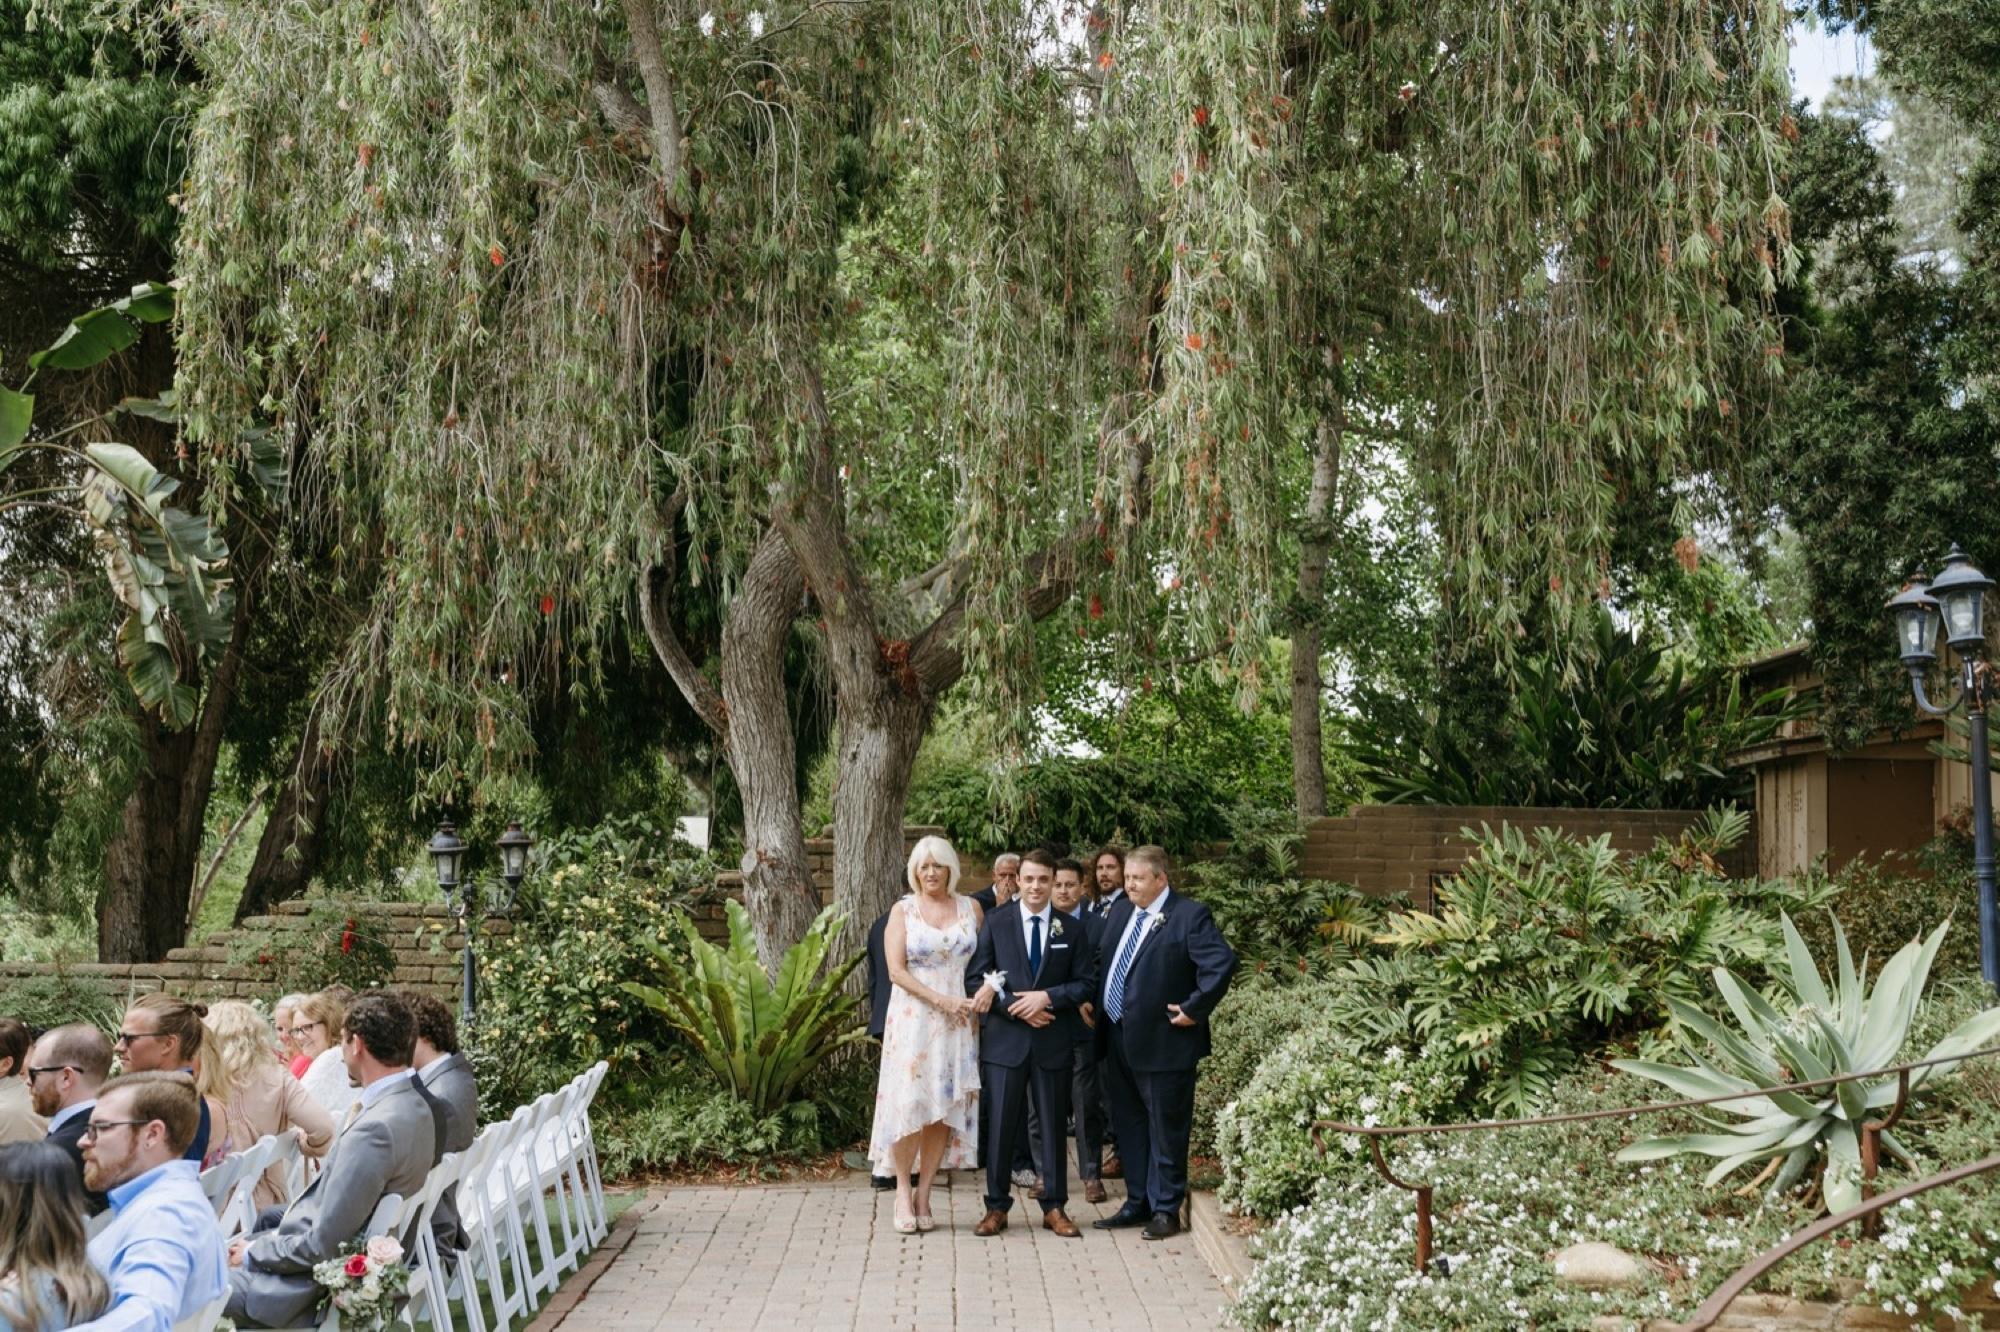 021_Shawna and Steve's Wedding-126.jpg